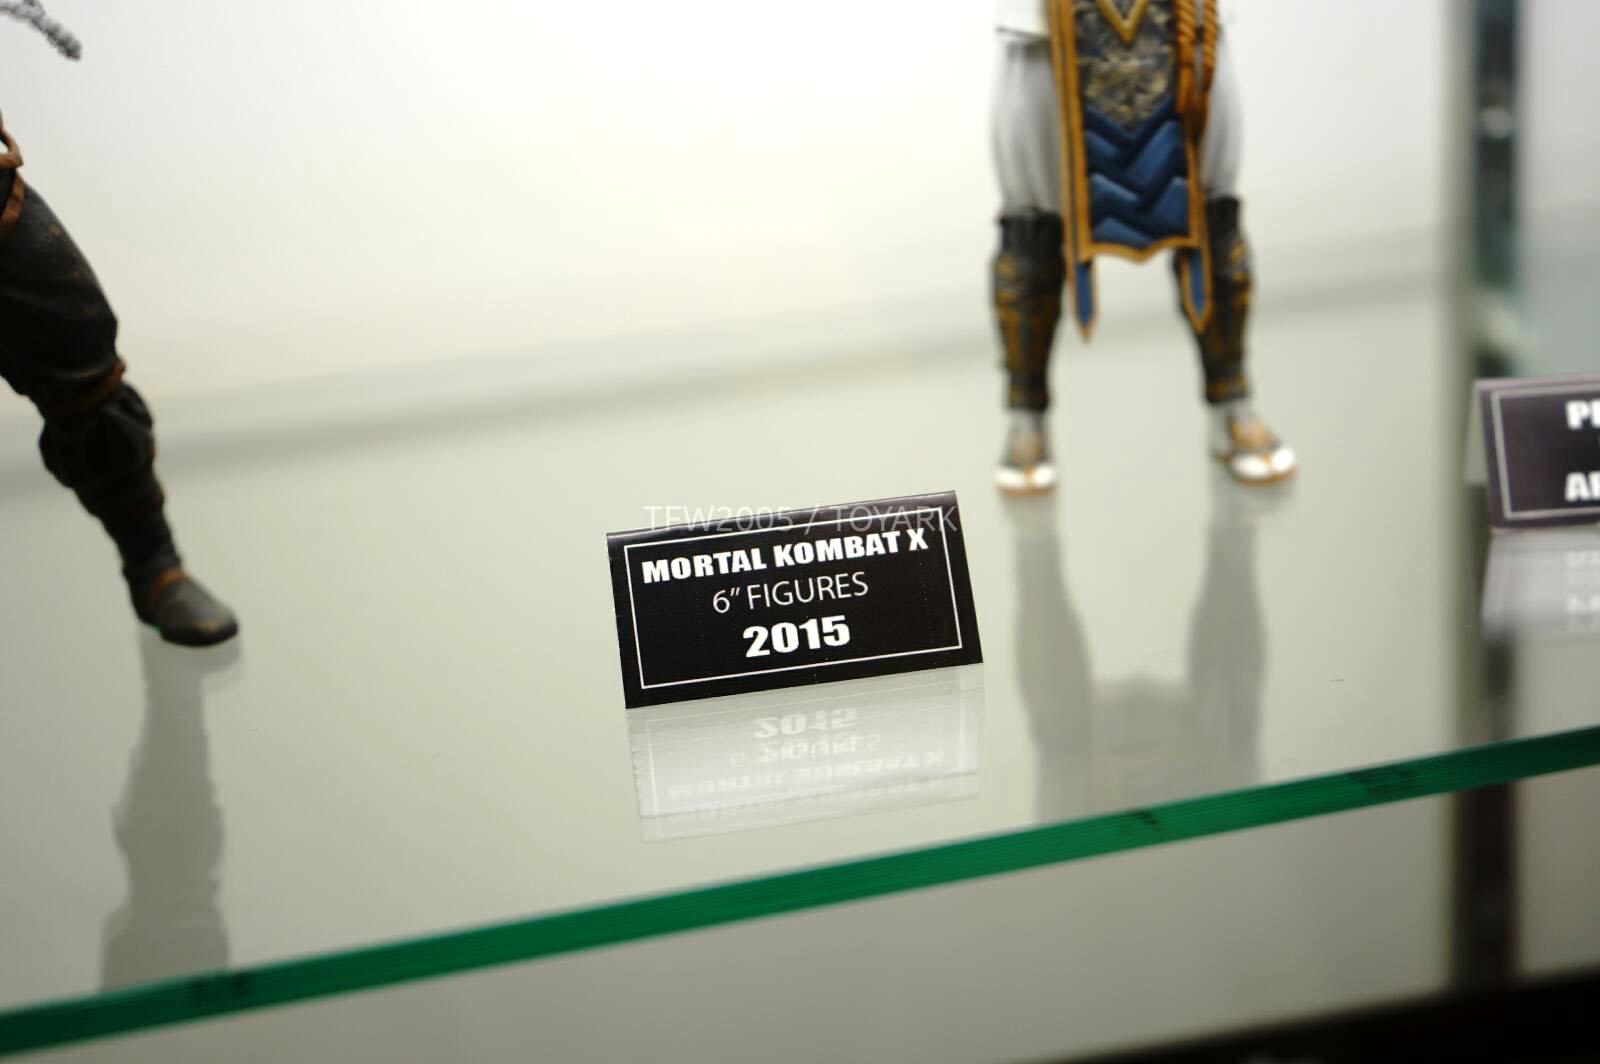 [NYCC 2014] MEZCO - 6-Inch Mortal Kombat X Figures NYCC-2014-Mezco-Mortal-Kombat-X-002